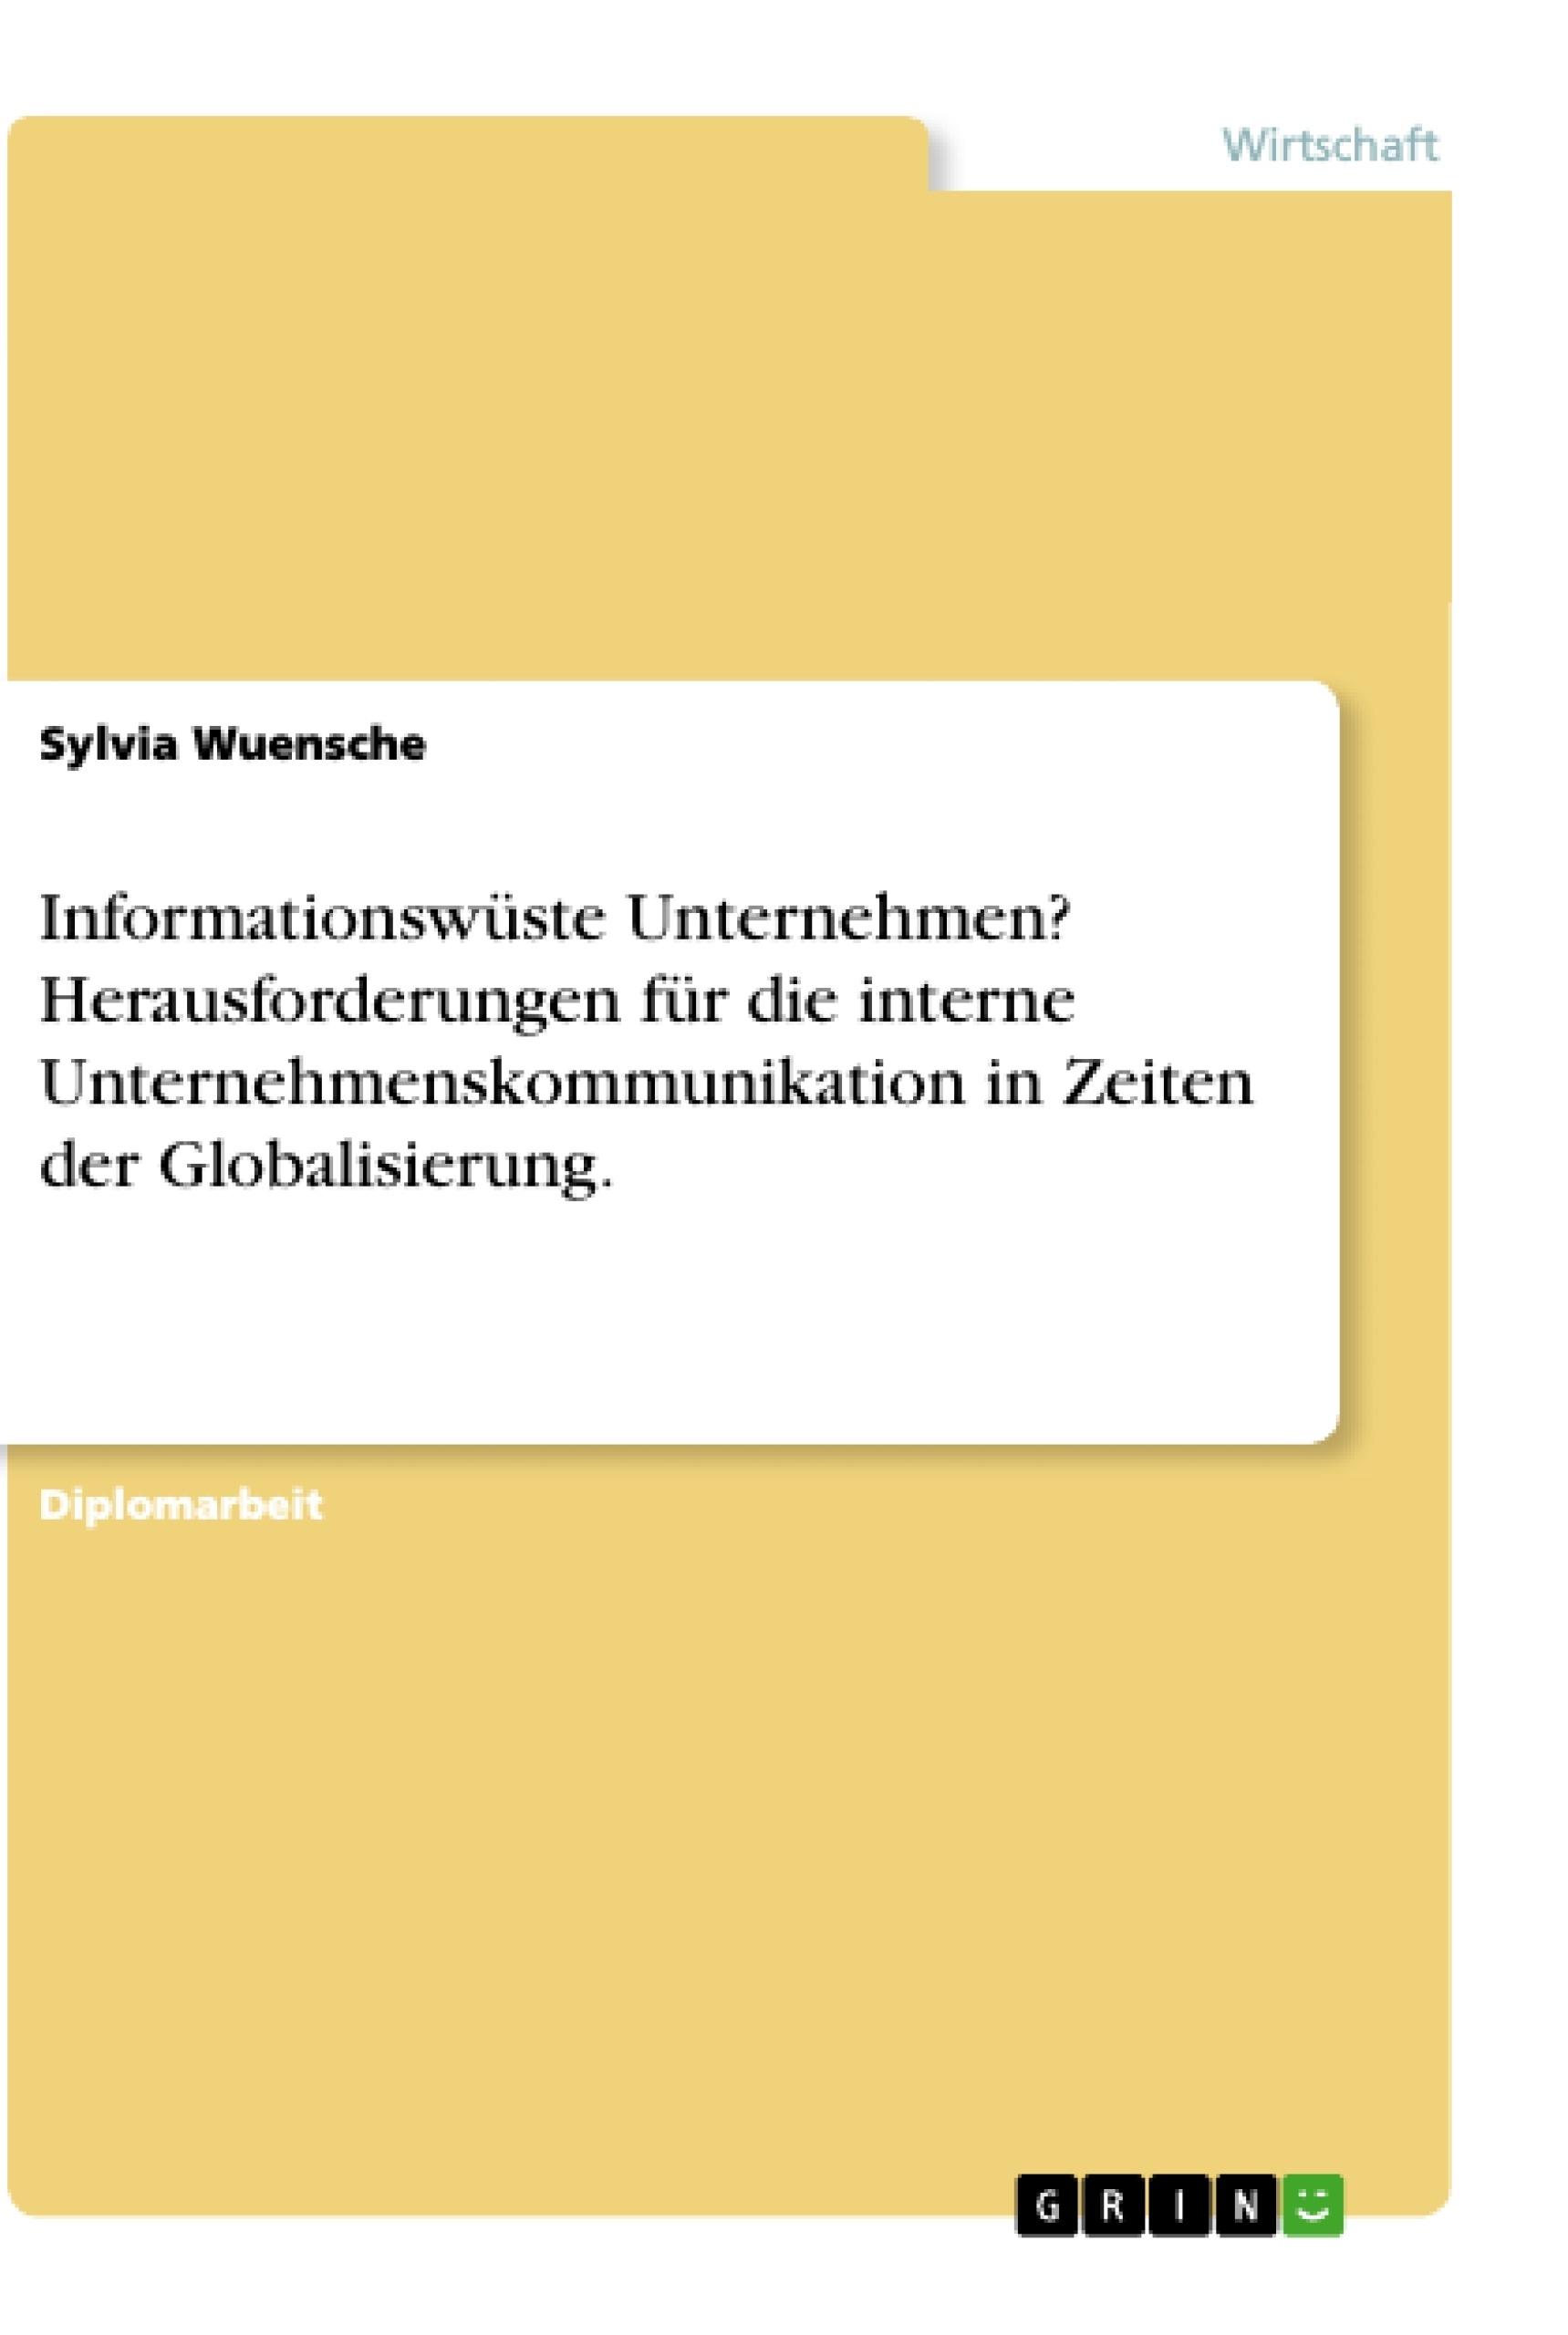 Titel: Informationswüste Unternehmen? Herausforderungen für die interne Unternehmenskommunikation in Zeiten der Globalisierung.